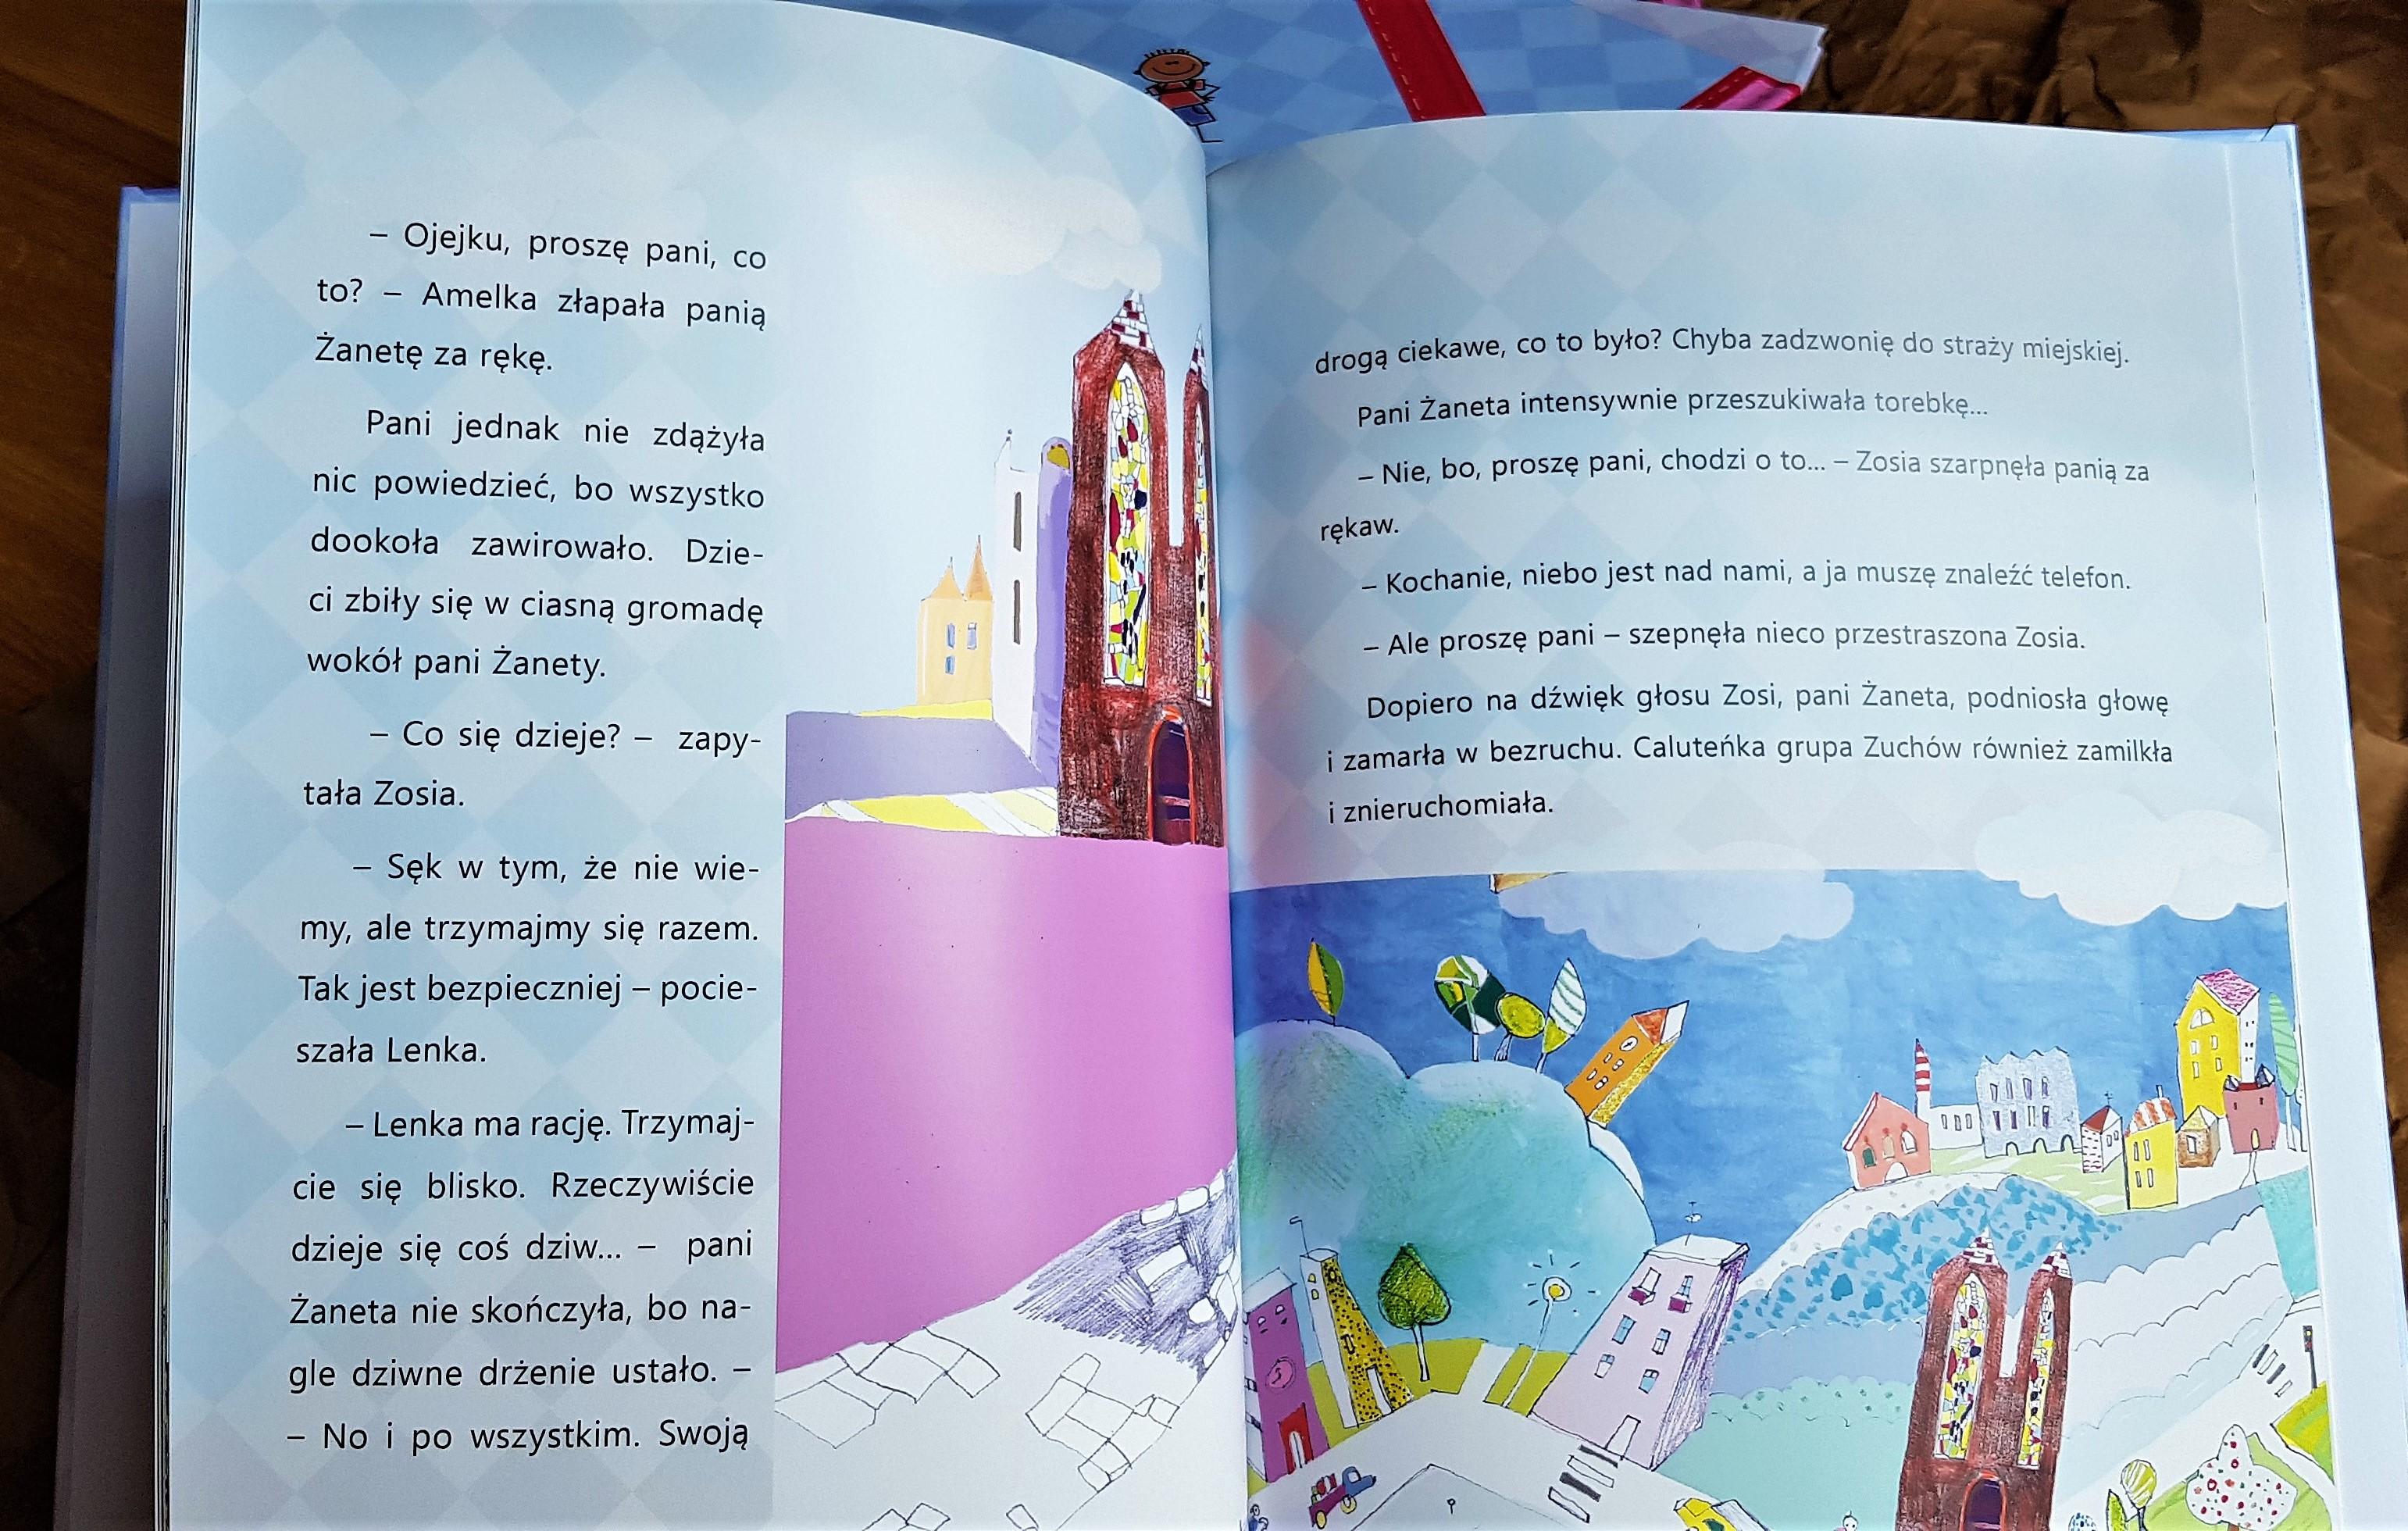 rozkładówka personalizowanego opowiadania o wycieczce do Krakowa